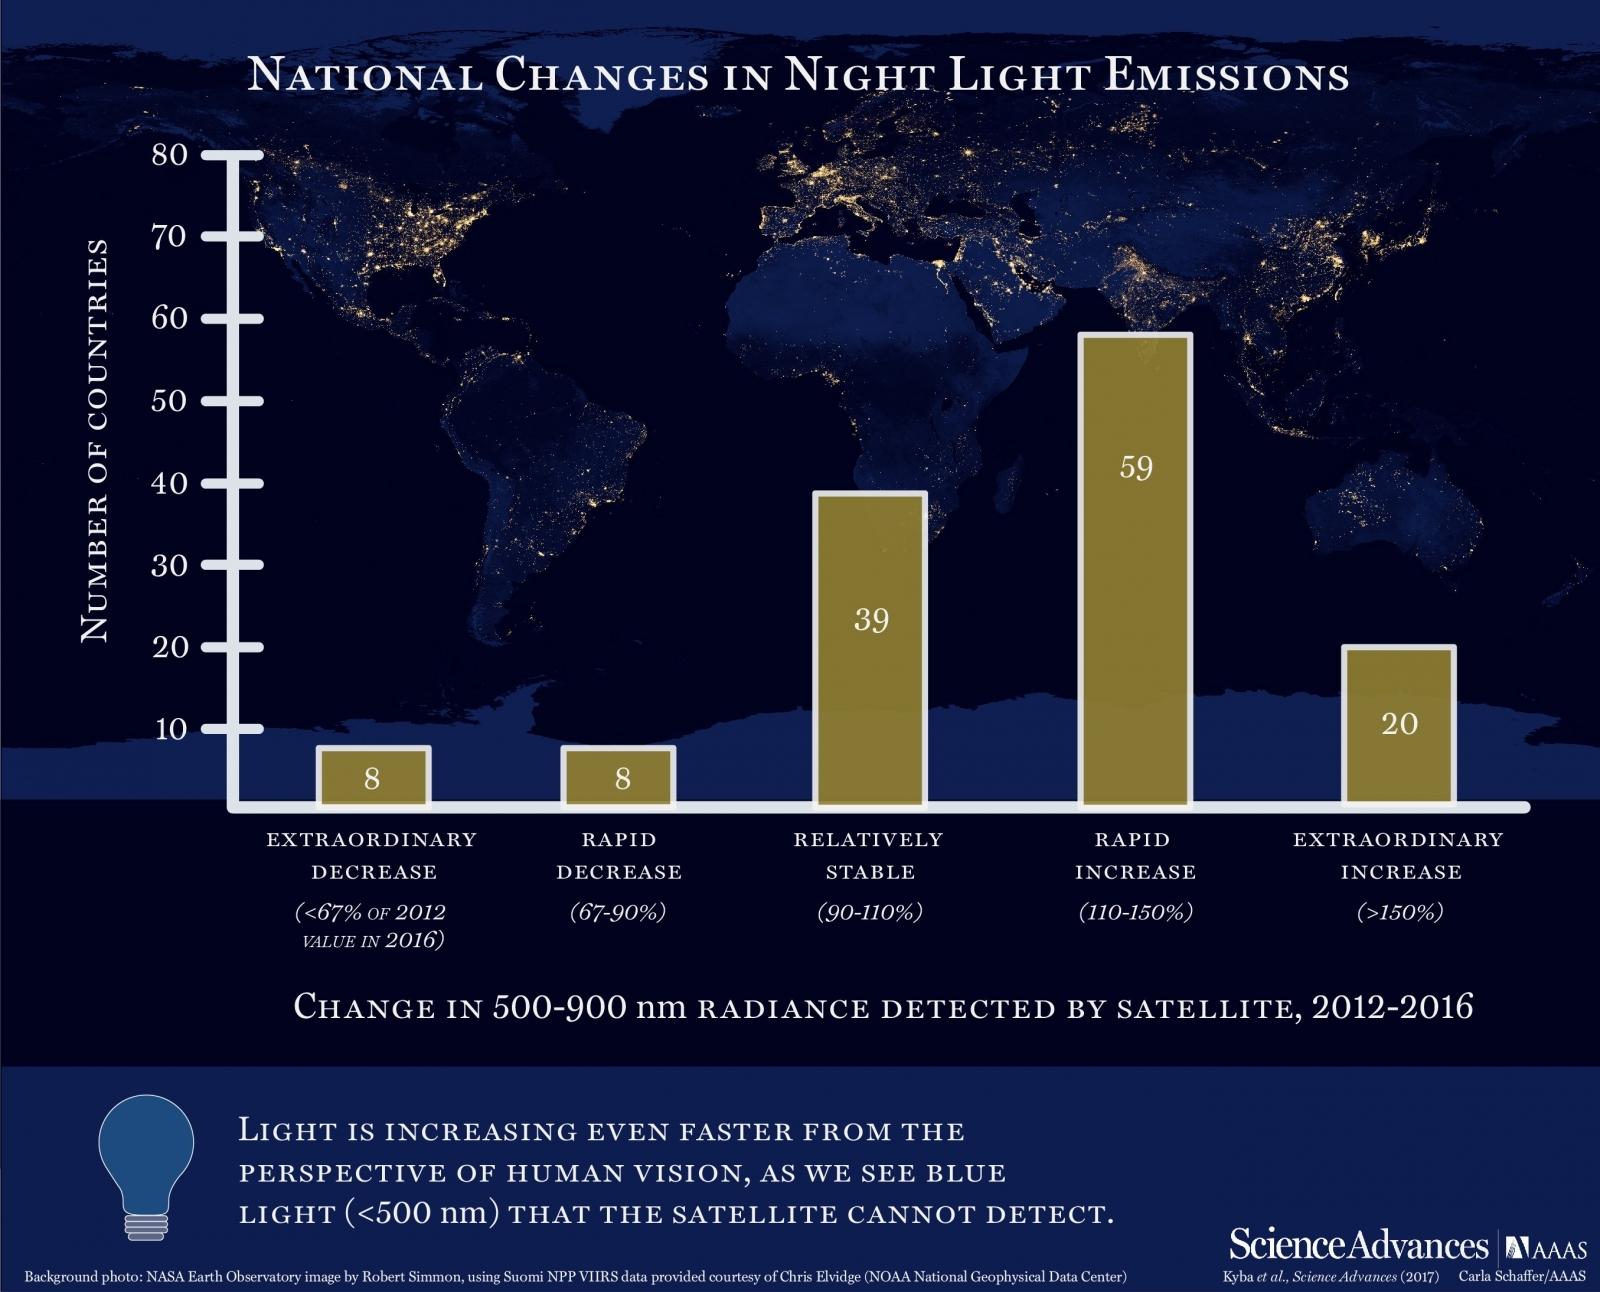 Increase in night light